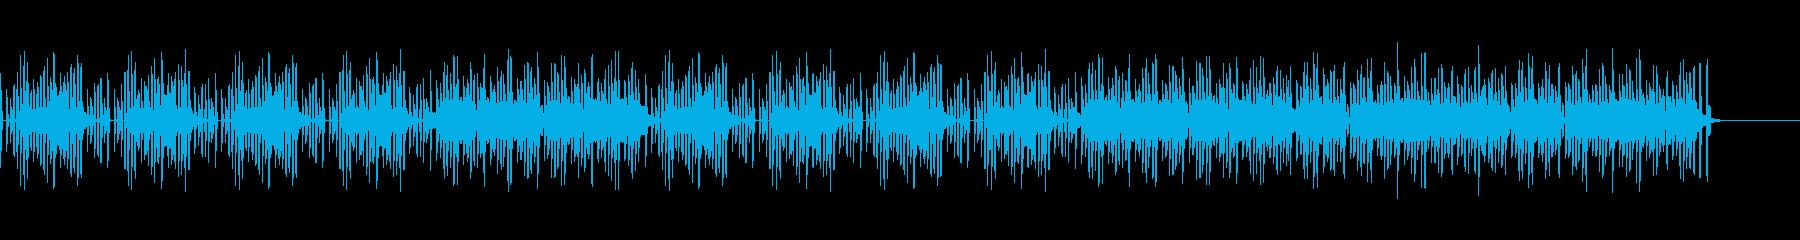 80年代のテレビゲーム風ほのぼのBGMの再生済みの波形